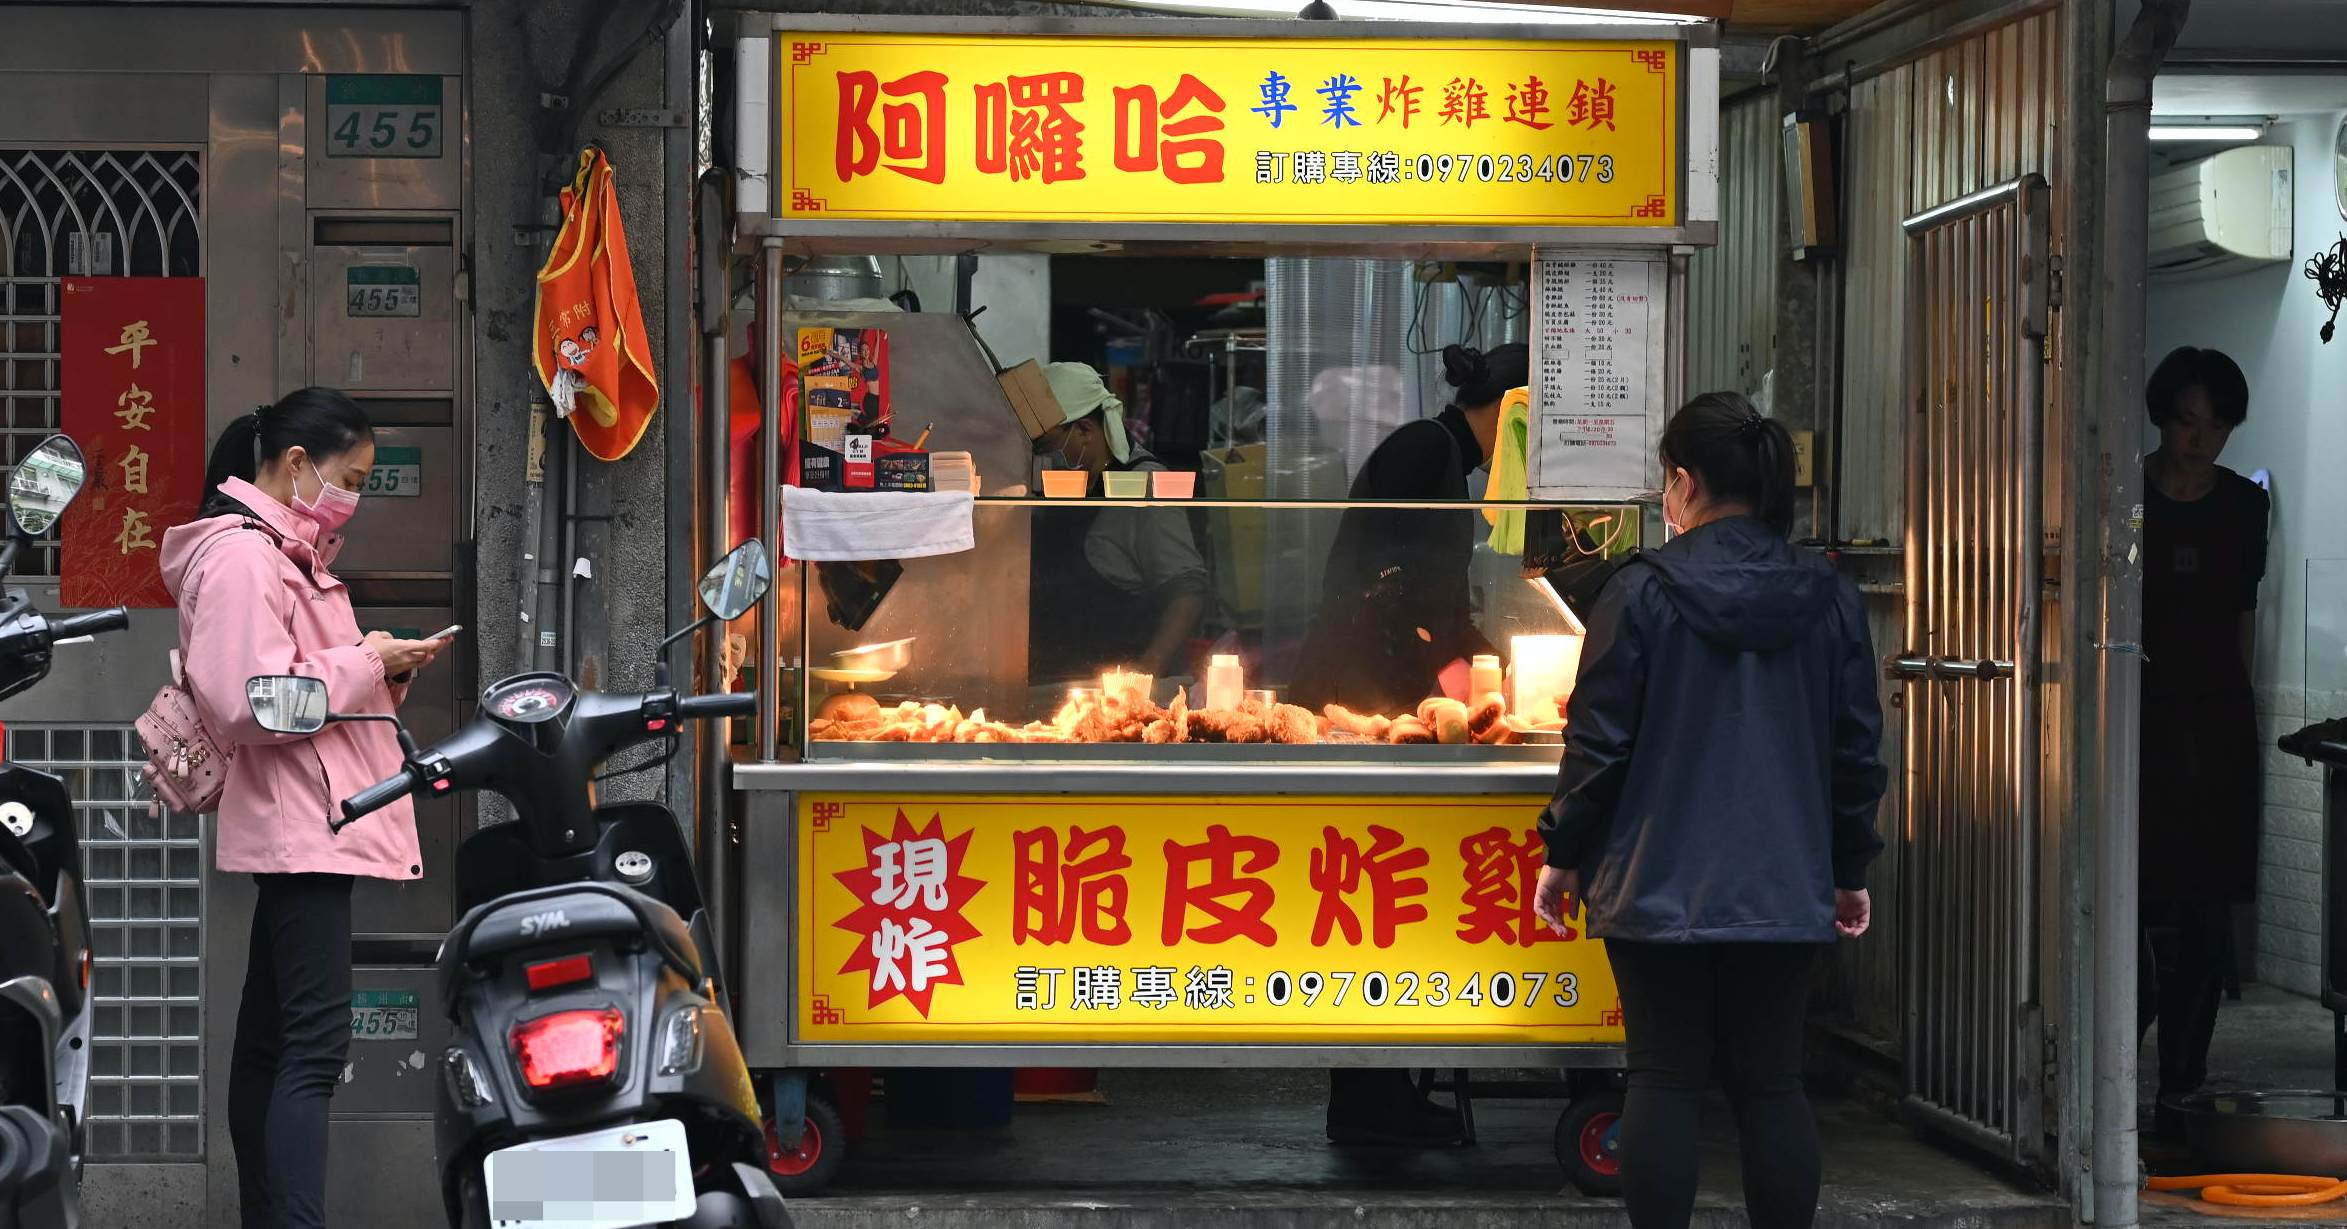 中山國中美食,阿囉哈專業炸雞連鎖,阿囉哈專業炸雞,台北炸雞 @Nash,神之領域